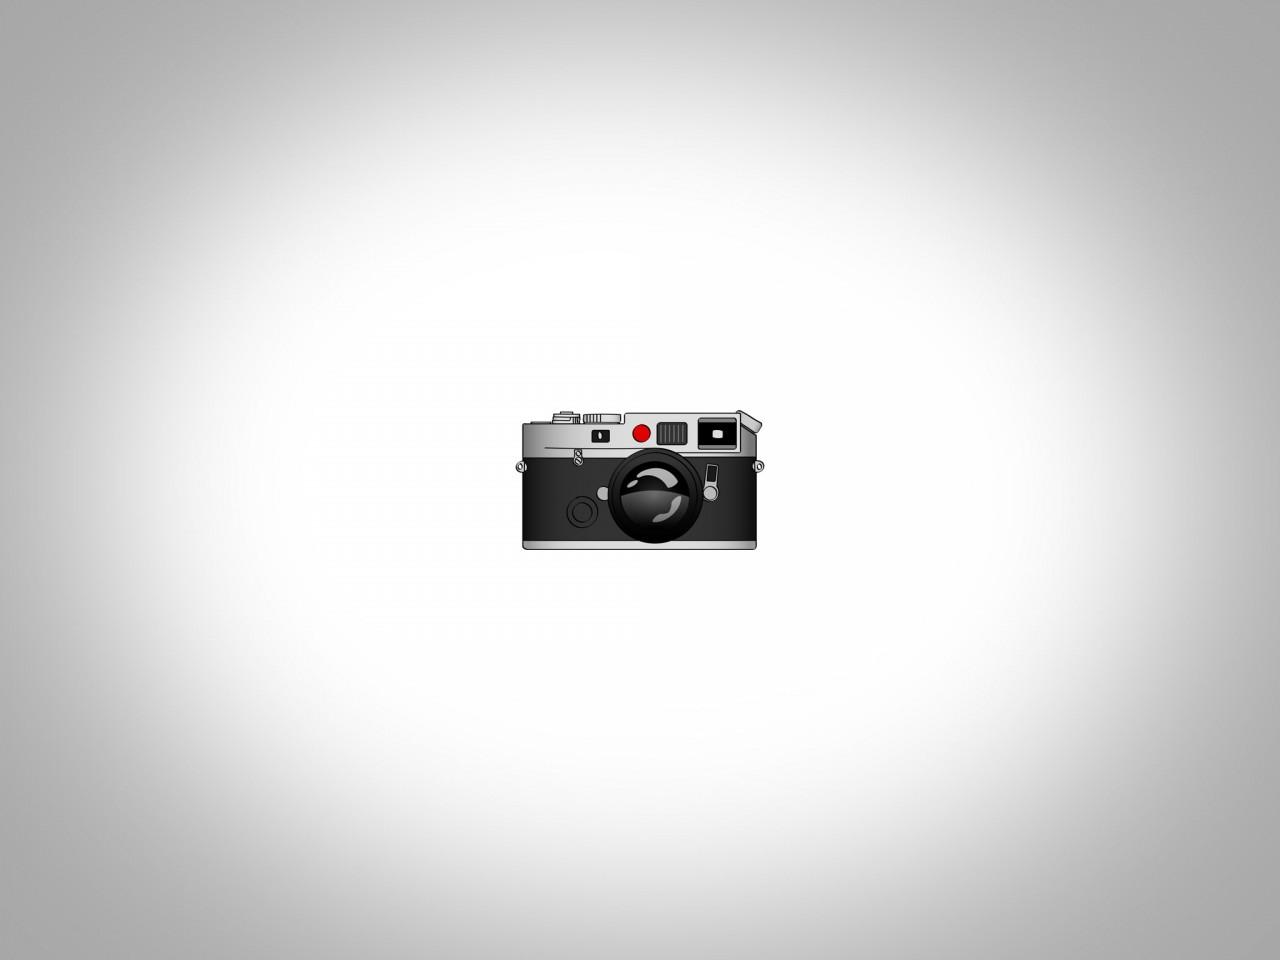 Skórzany pasek do aparatu, prezent dla fotorafa, pasek fotograficzny, Eupidere WRSBL